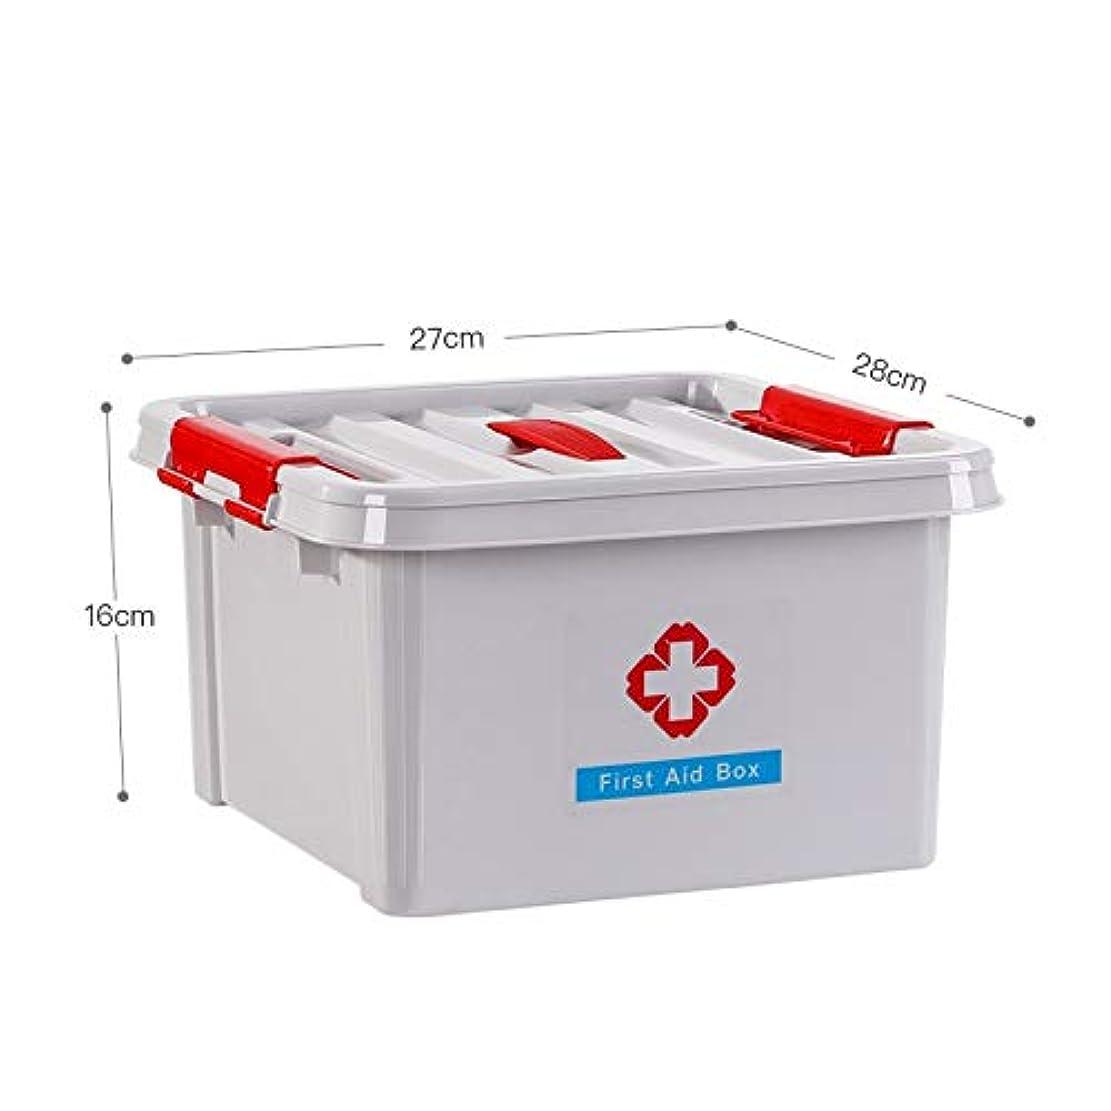 エスカレーター嫌な並外れたHTDZDX 家庭用医療収納ボックス、プラスチック製救急箱、ポータブル大容量ピルコンテナケース (Color : Gray)